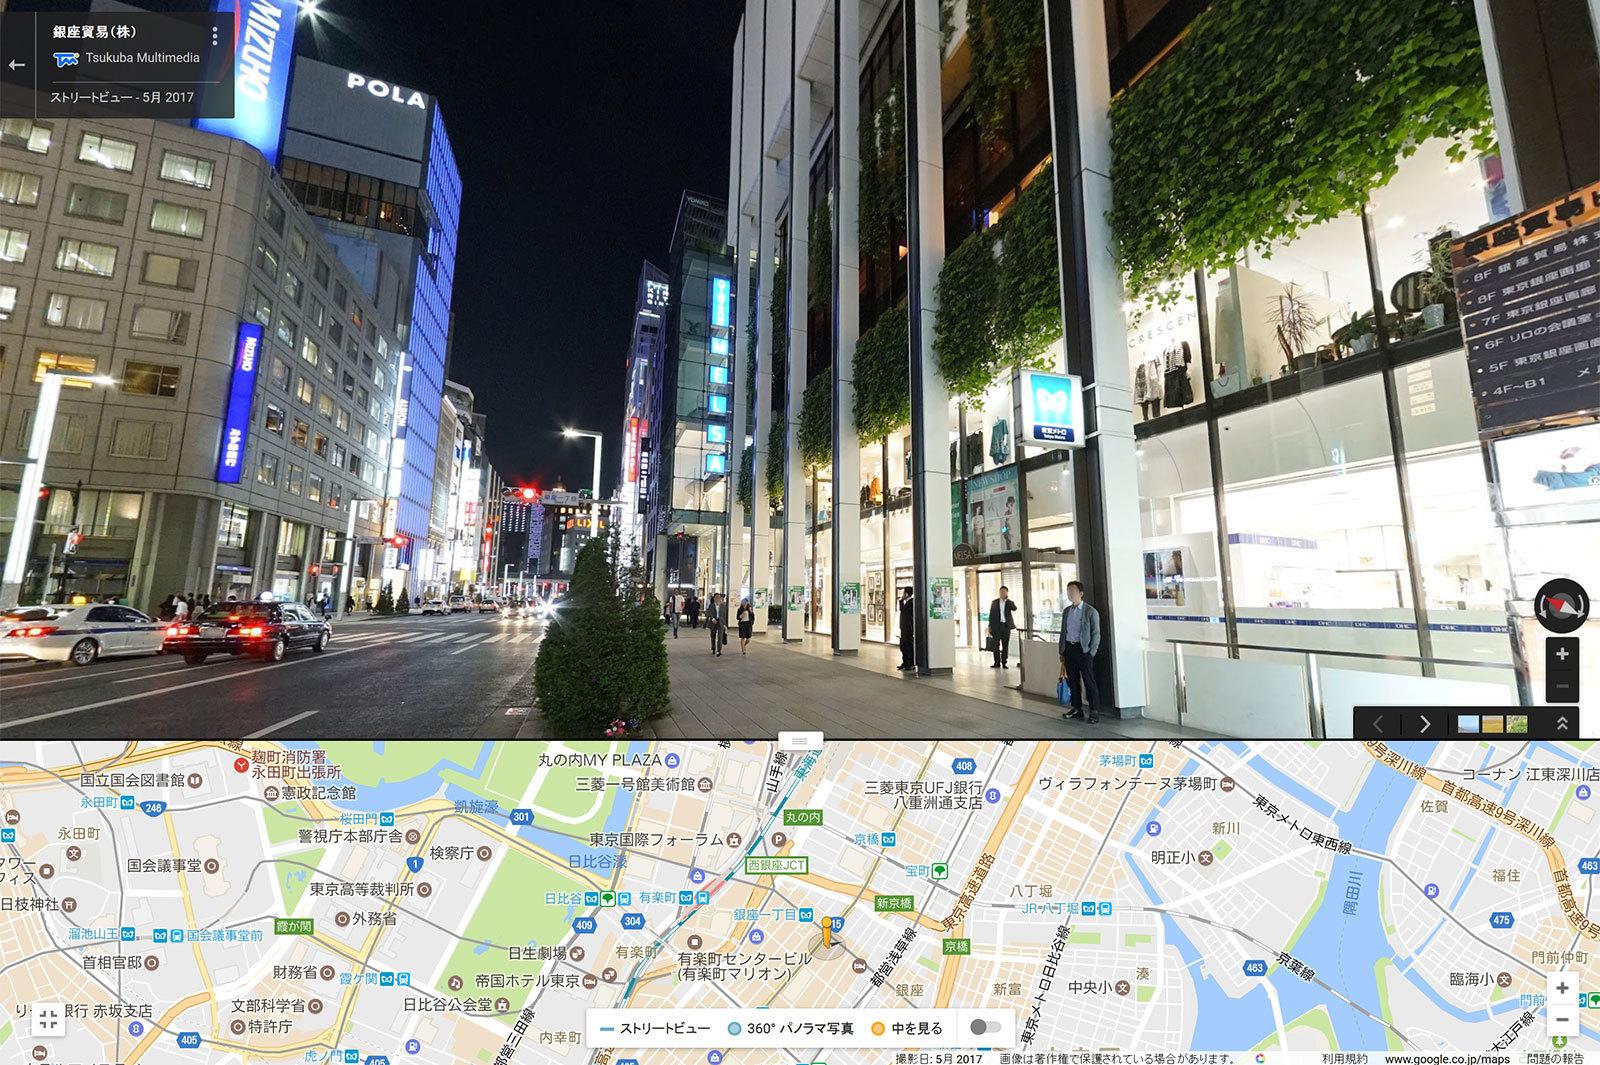 銀座1丁目のGoogleストリートビュー写真